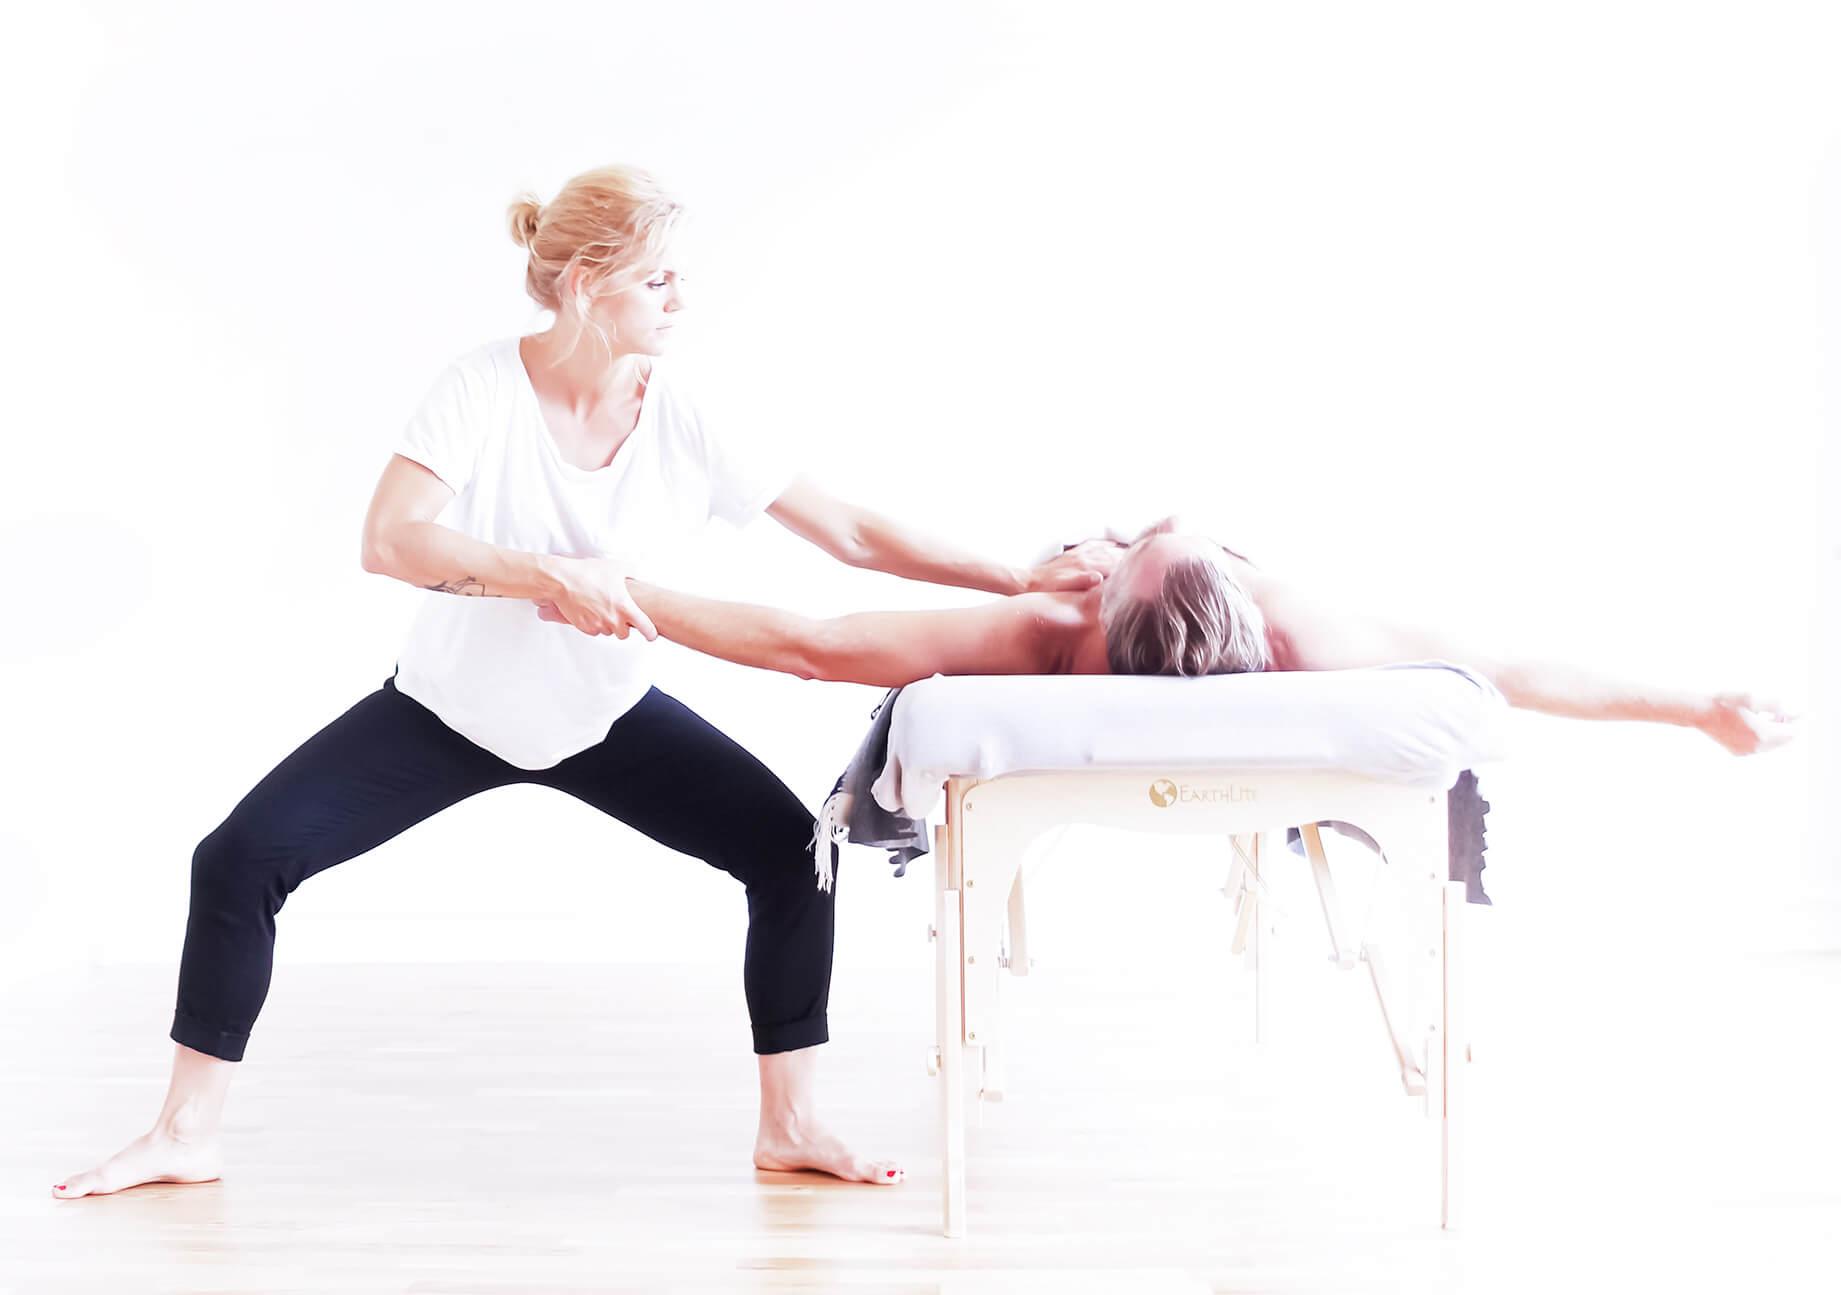 Kroppsterapi är en metod som kombinerar ett antal olika tekniker för att behandla kroppsliga och psykiska besvär.